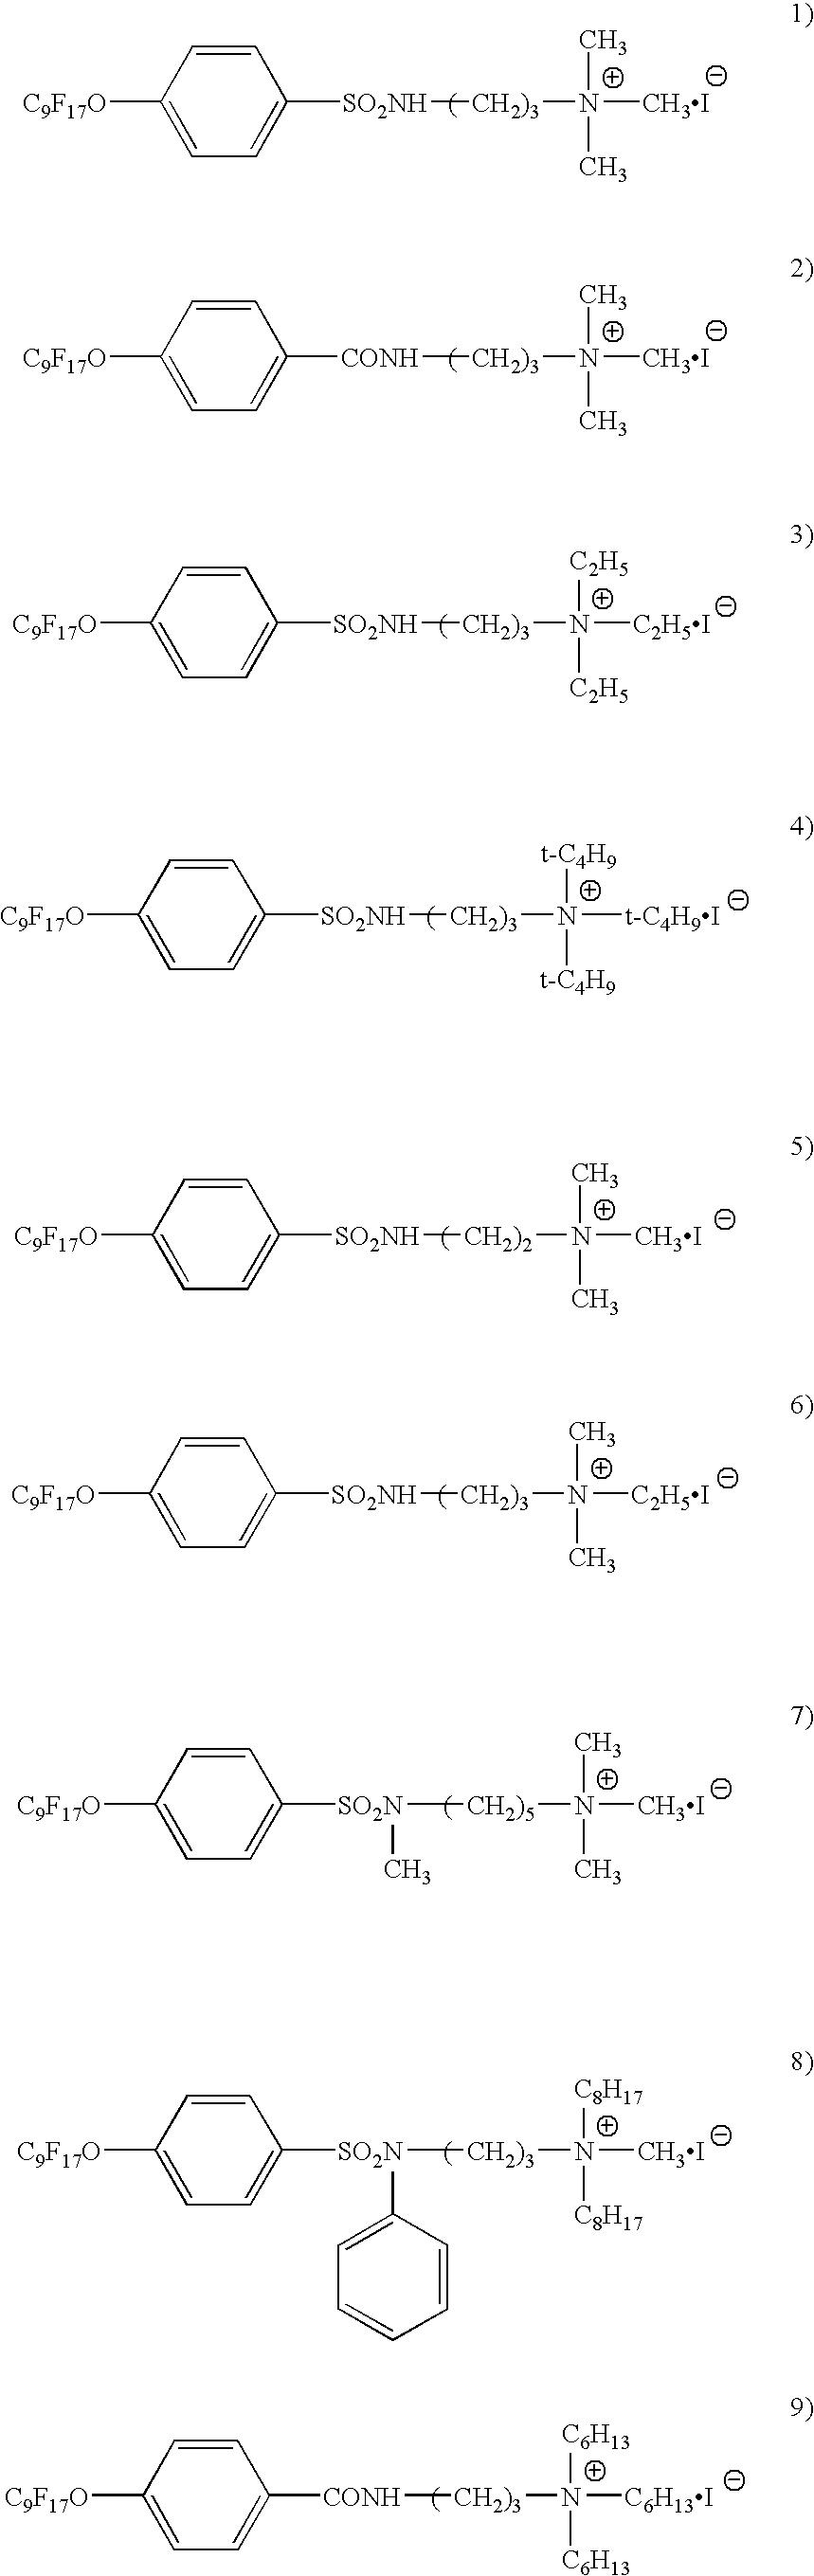 Figure US20050003288A1-20050106-C00003